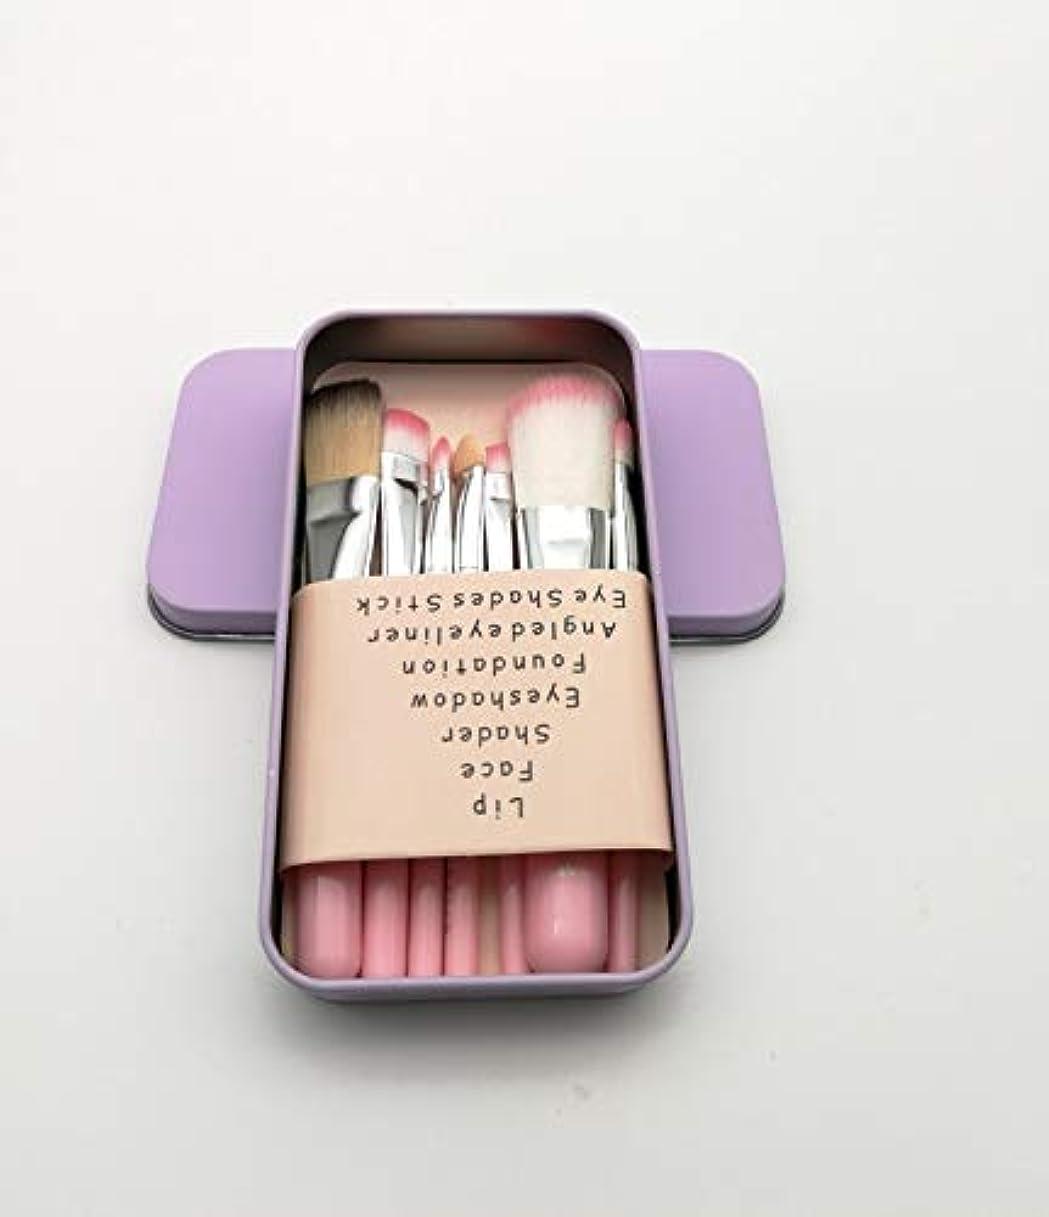 セッティング固体一定化粧ブラシセット、ピンク7化粧ブラシ化粧ブラシセットアイシャドウブラシリップブラシ美容化粧道具